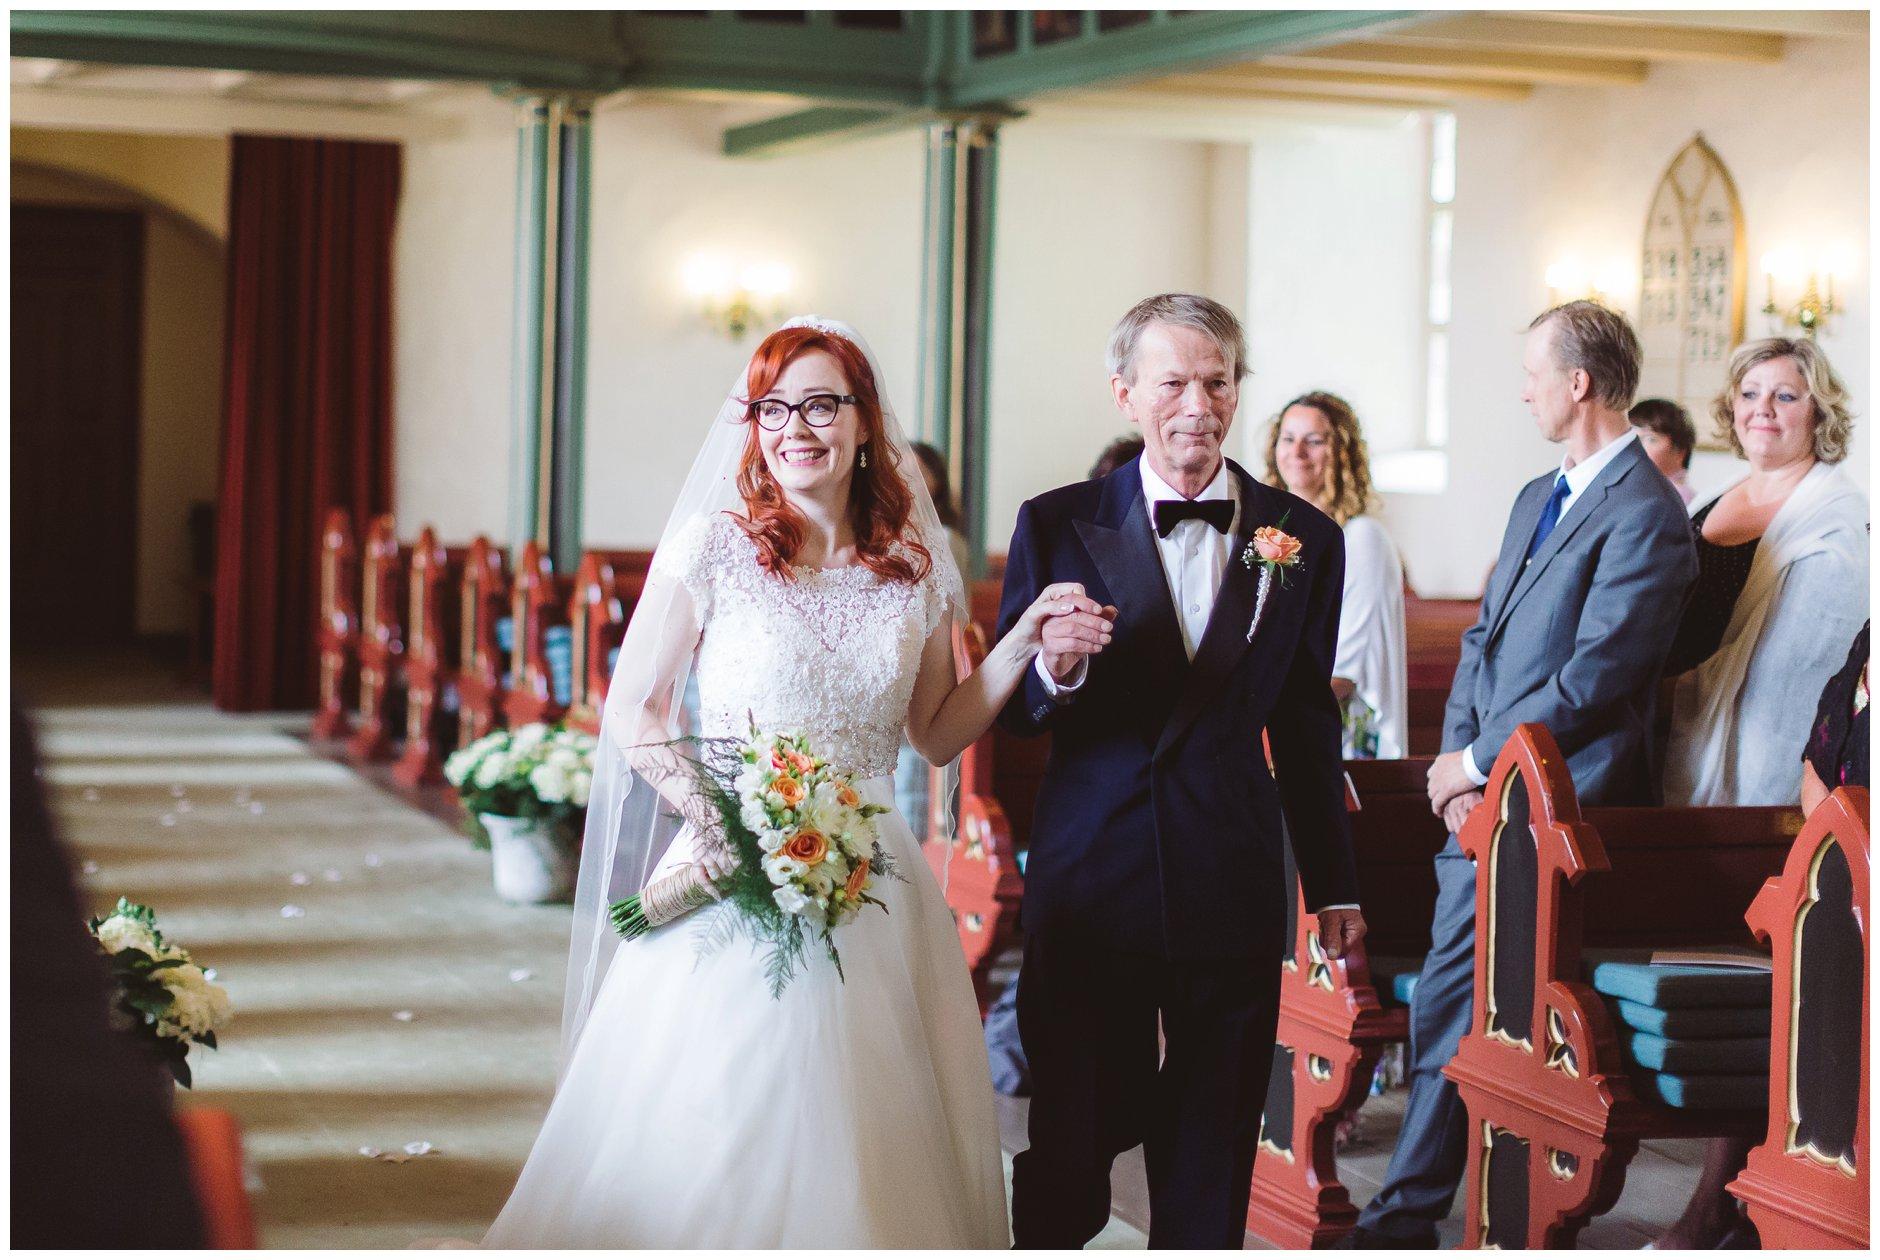 Fotograf-Eline-Jacobine-Bryllup-Tjøme-Scandic-Havna-Trine-og-Halvor_0038